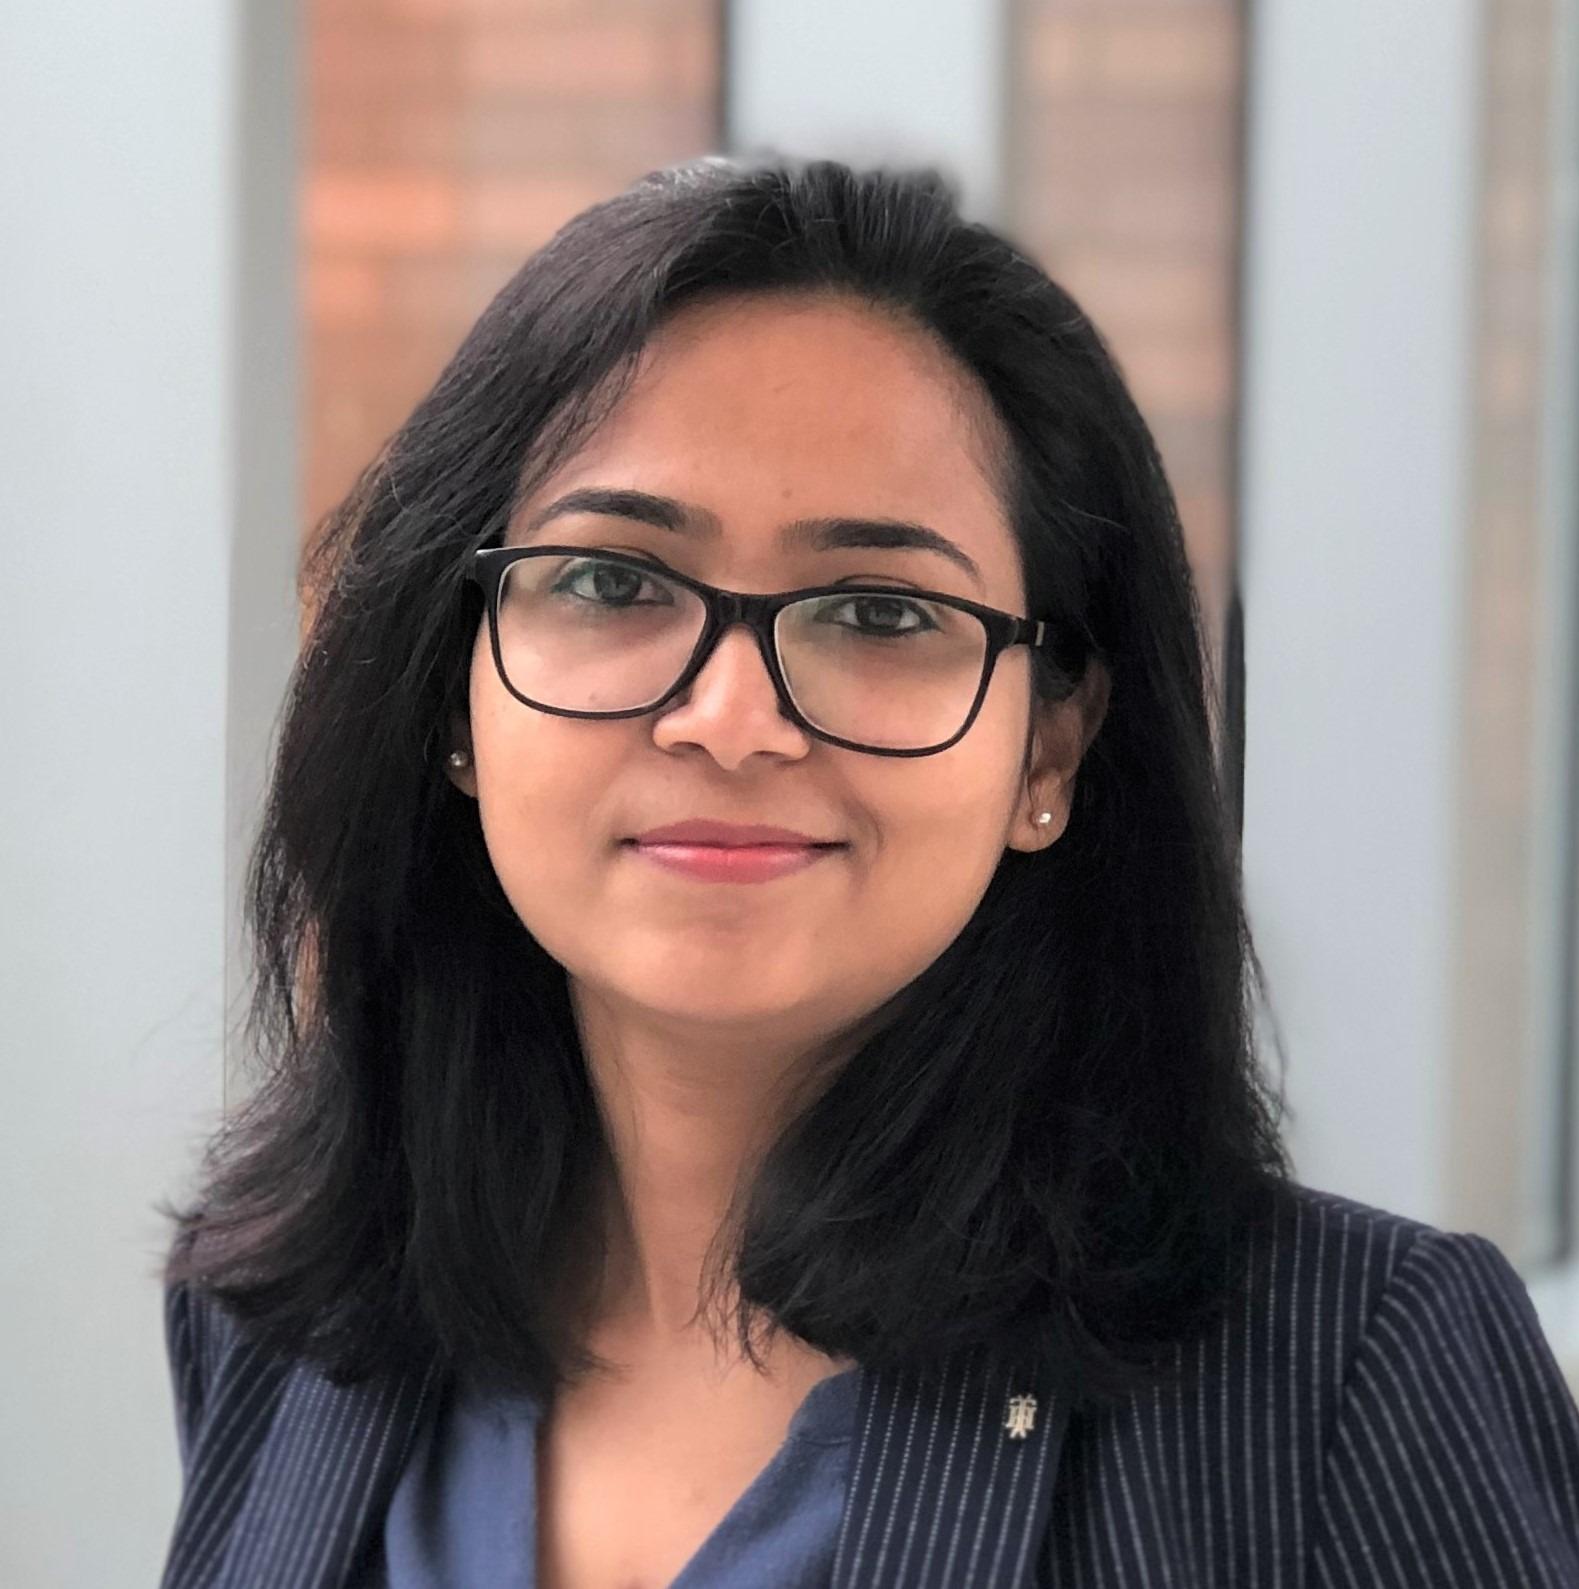 Headshot of Nashrah Ahmad